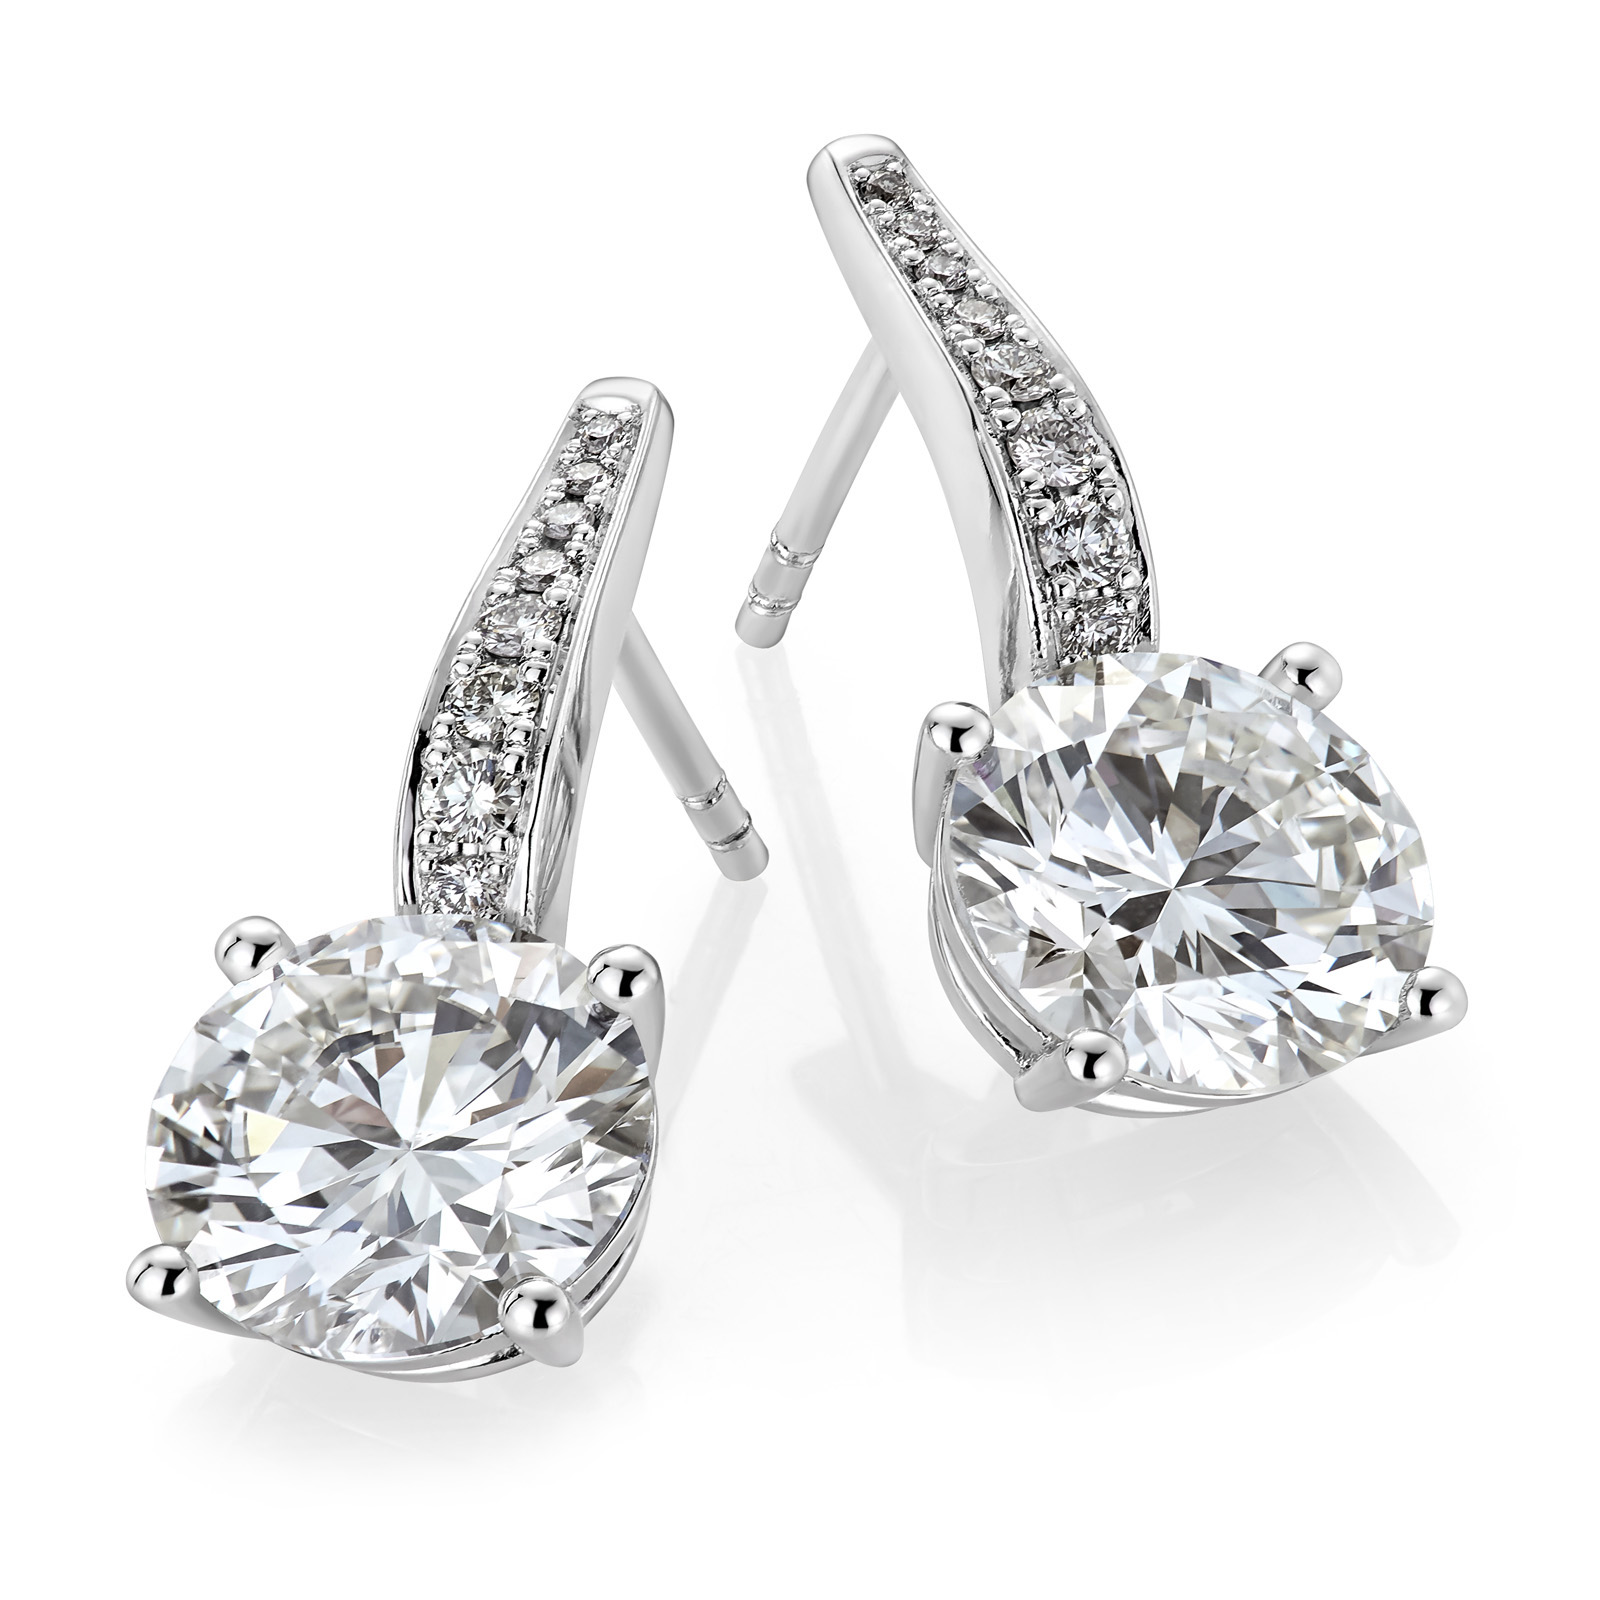 Mestergull Spesialutviklet ørepynt for kunde med 2 diamanter á 2,50 ct. samt 16 diamanter på overstykket. Totalt 5,19 ct. HSI DESIGN STUDIO Spesialdesign Ørepynt